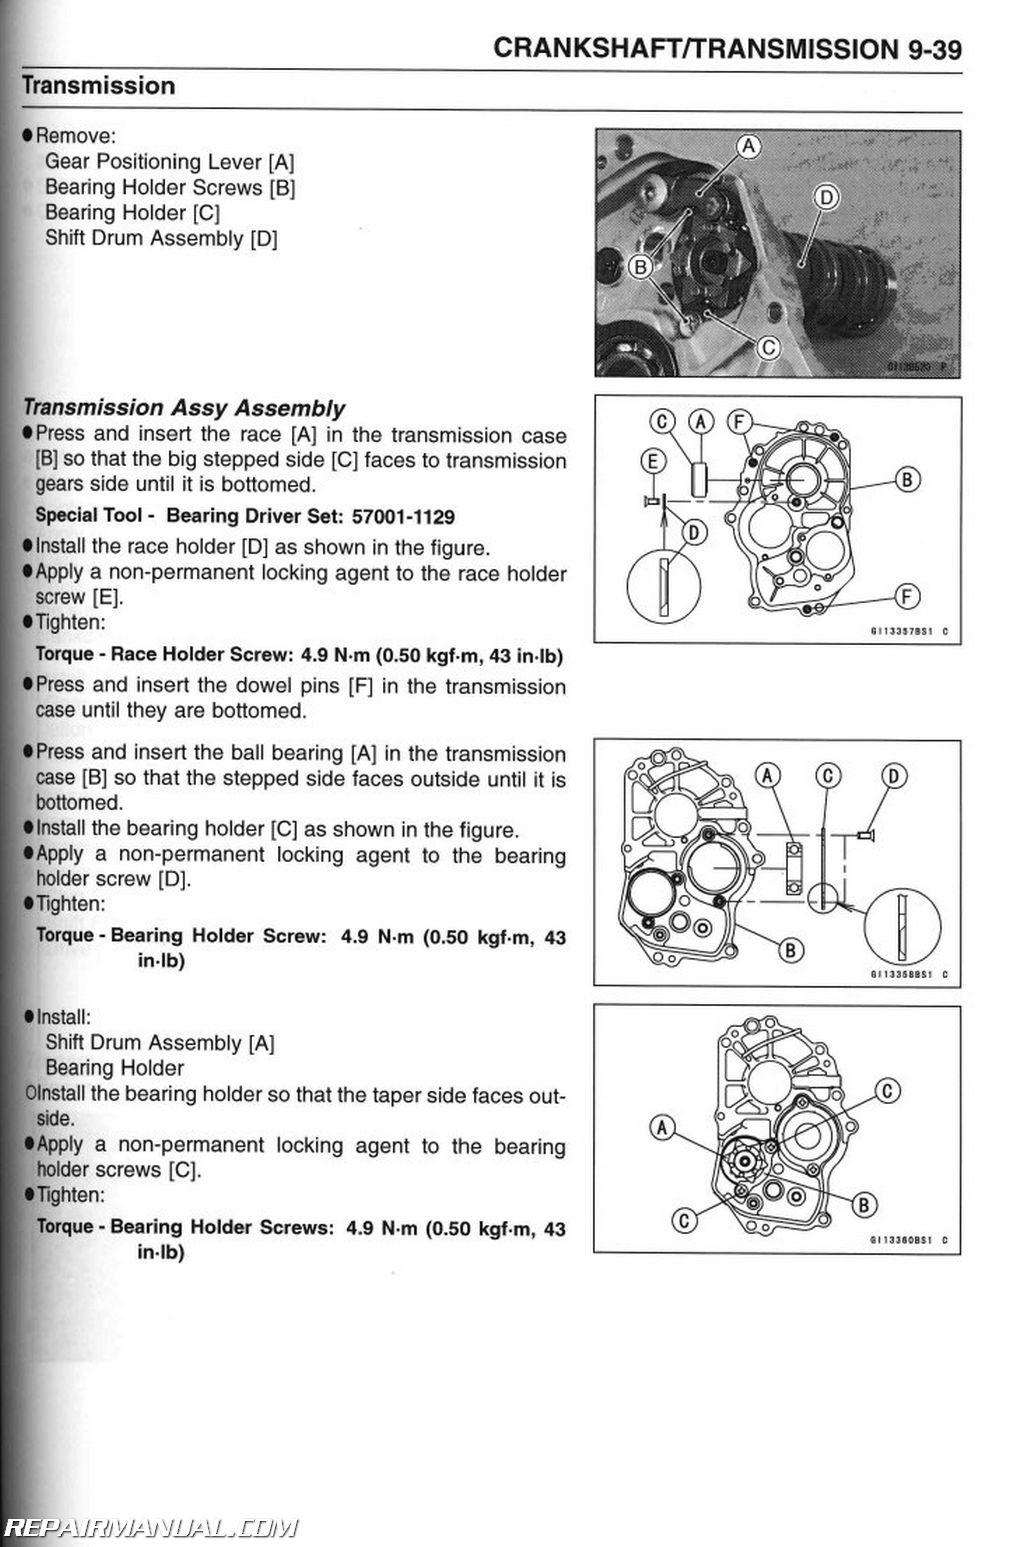 Ammeter Wiring Diagram Omc 172995 - Wiring Diagrams Schematics